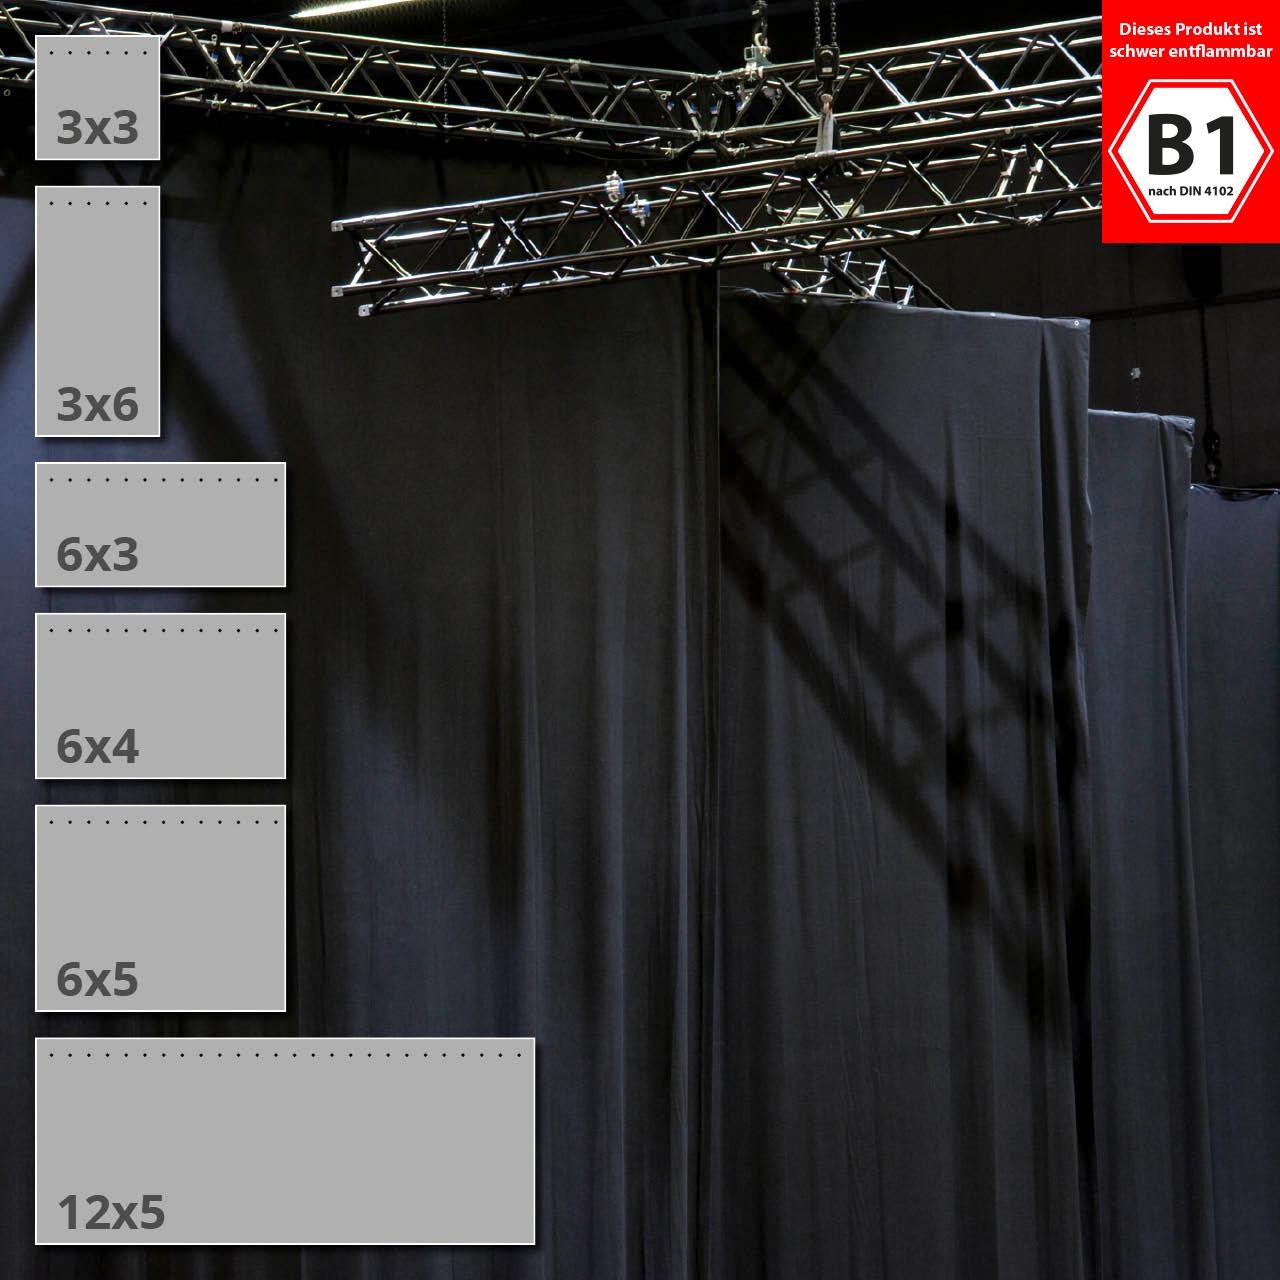 Schalldämmung Vorhang molton vorhang kaufen 6 standardgrößen allbuyone